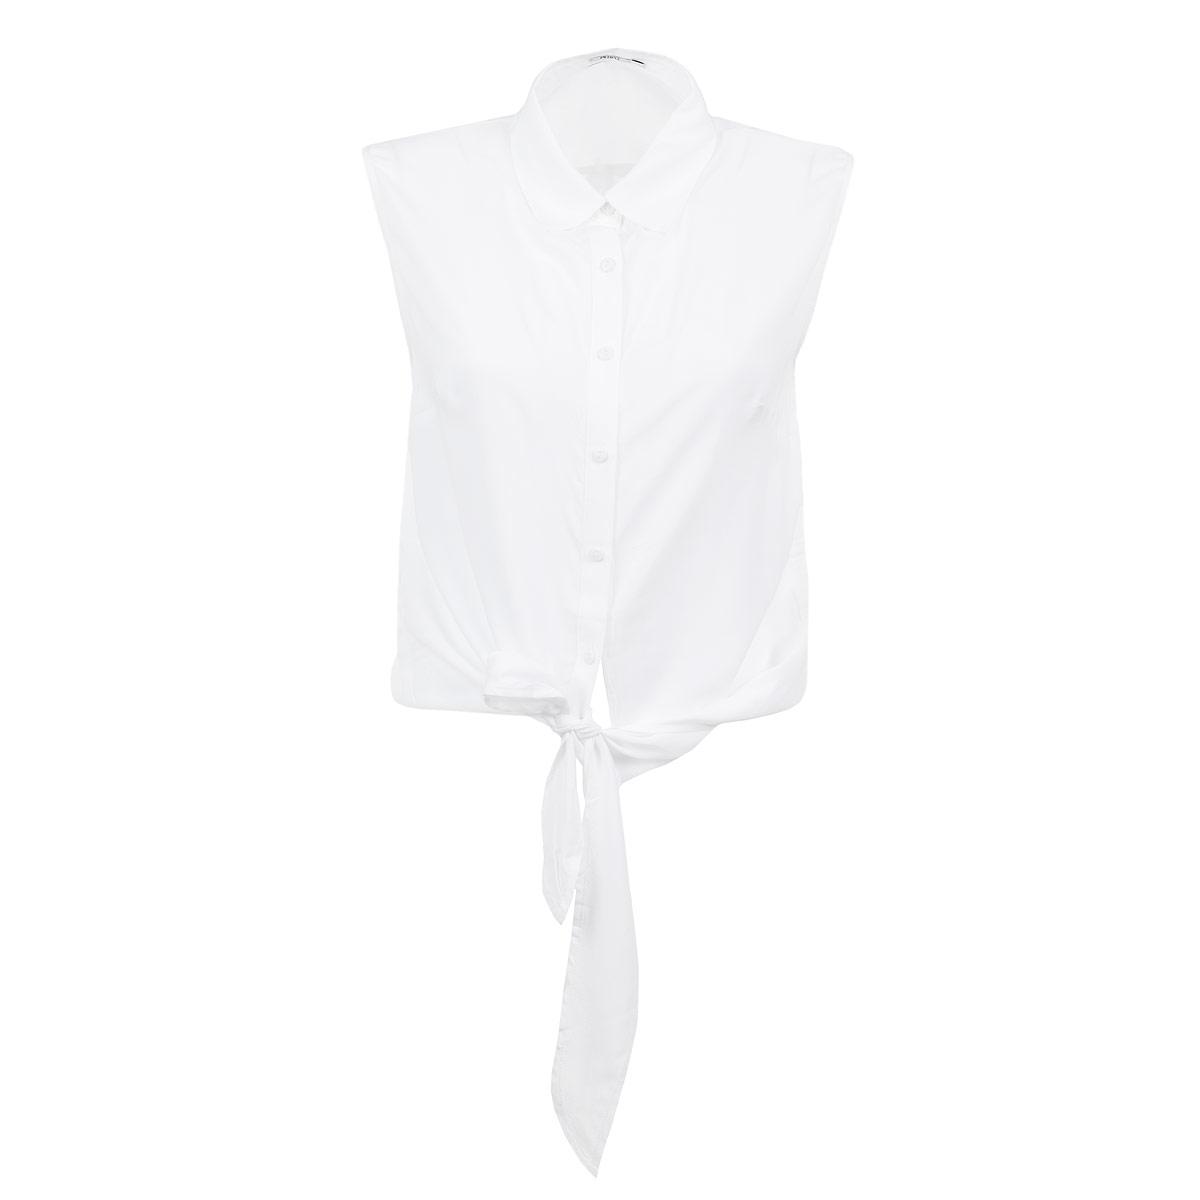 Блузка. 535308535308Очаровательная блуза People очень удобна и практична. Изготовлена из легкой вискозы. Модель свободного кроя с отложным воротником и без рукавов, застегивается на пуговицы и внизу имеет завязки. Такая блуза послужит замечательным дополнением к вашему гардеробу. Лаконичный дизайн и великолепное качество.